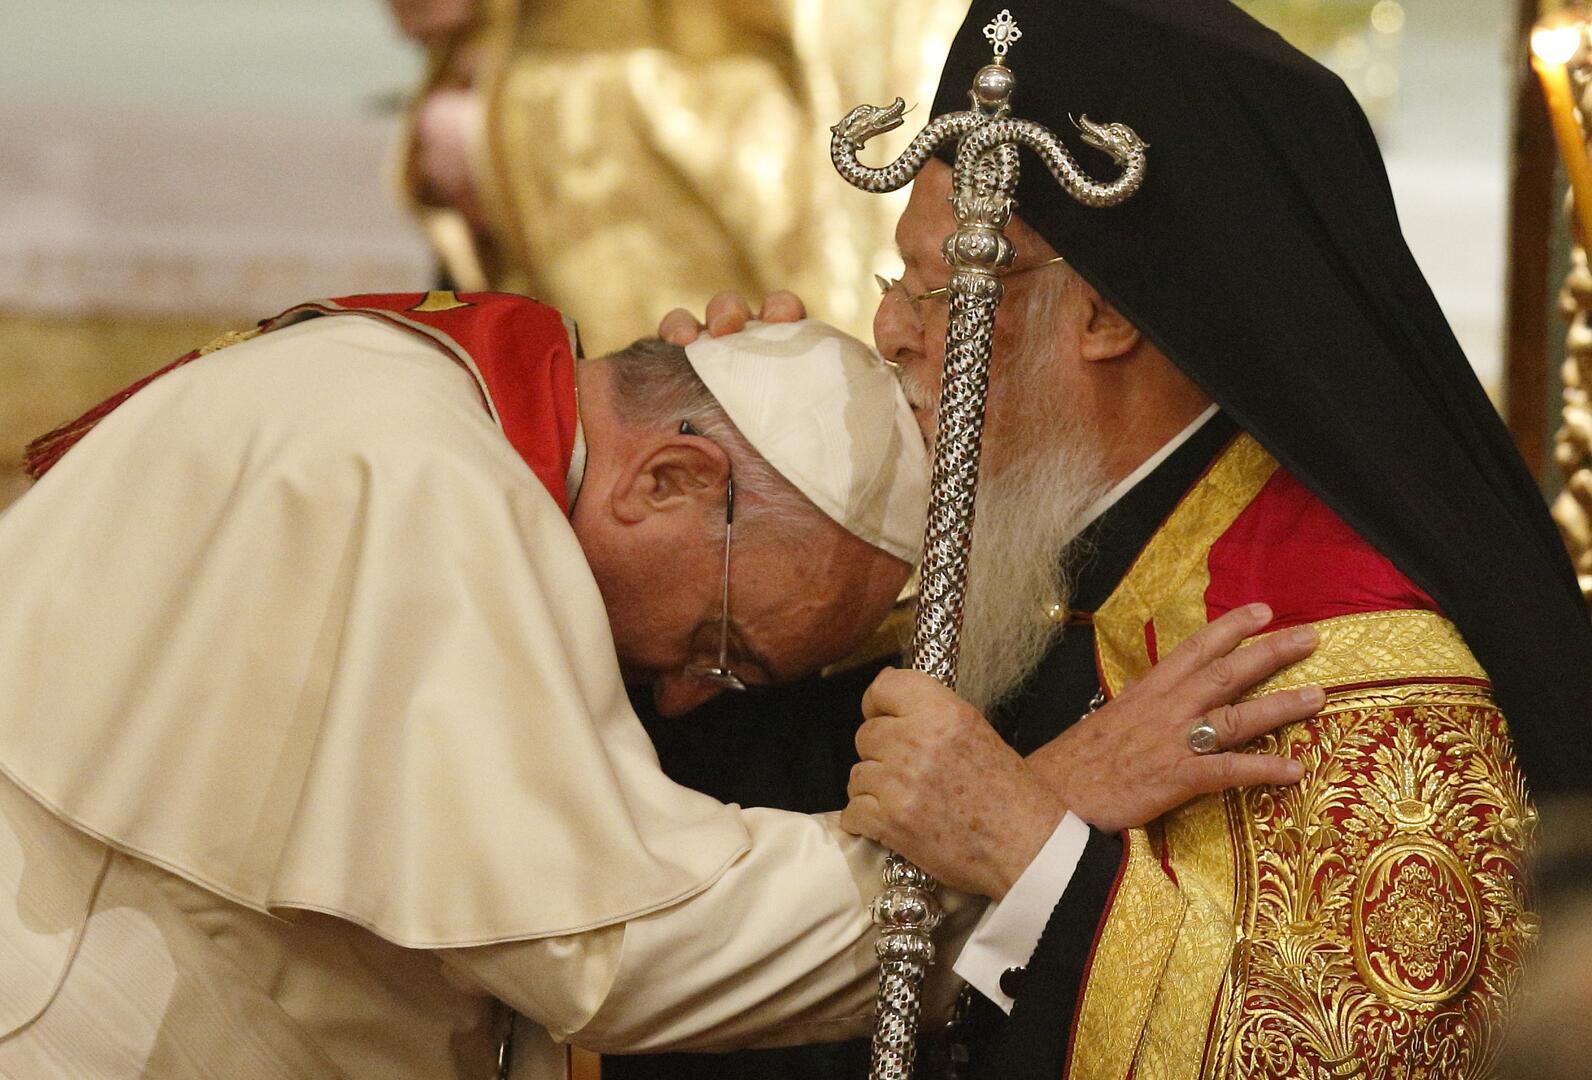 O patriarca ecumênico Bartolomeu de Constantinopla beija o Papa Francisco enquanto se abraçam durante um culto ecumênico de oração na Igreja patriarcal de São Jorge em Istambul, 29 de novembro de 2014 (Foto CNS/Paul Haring)